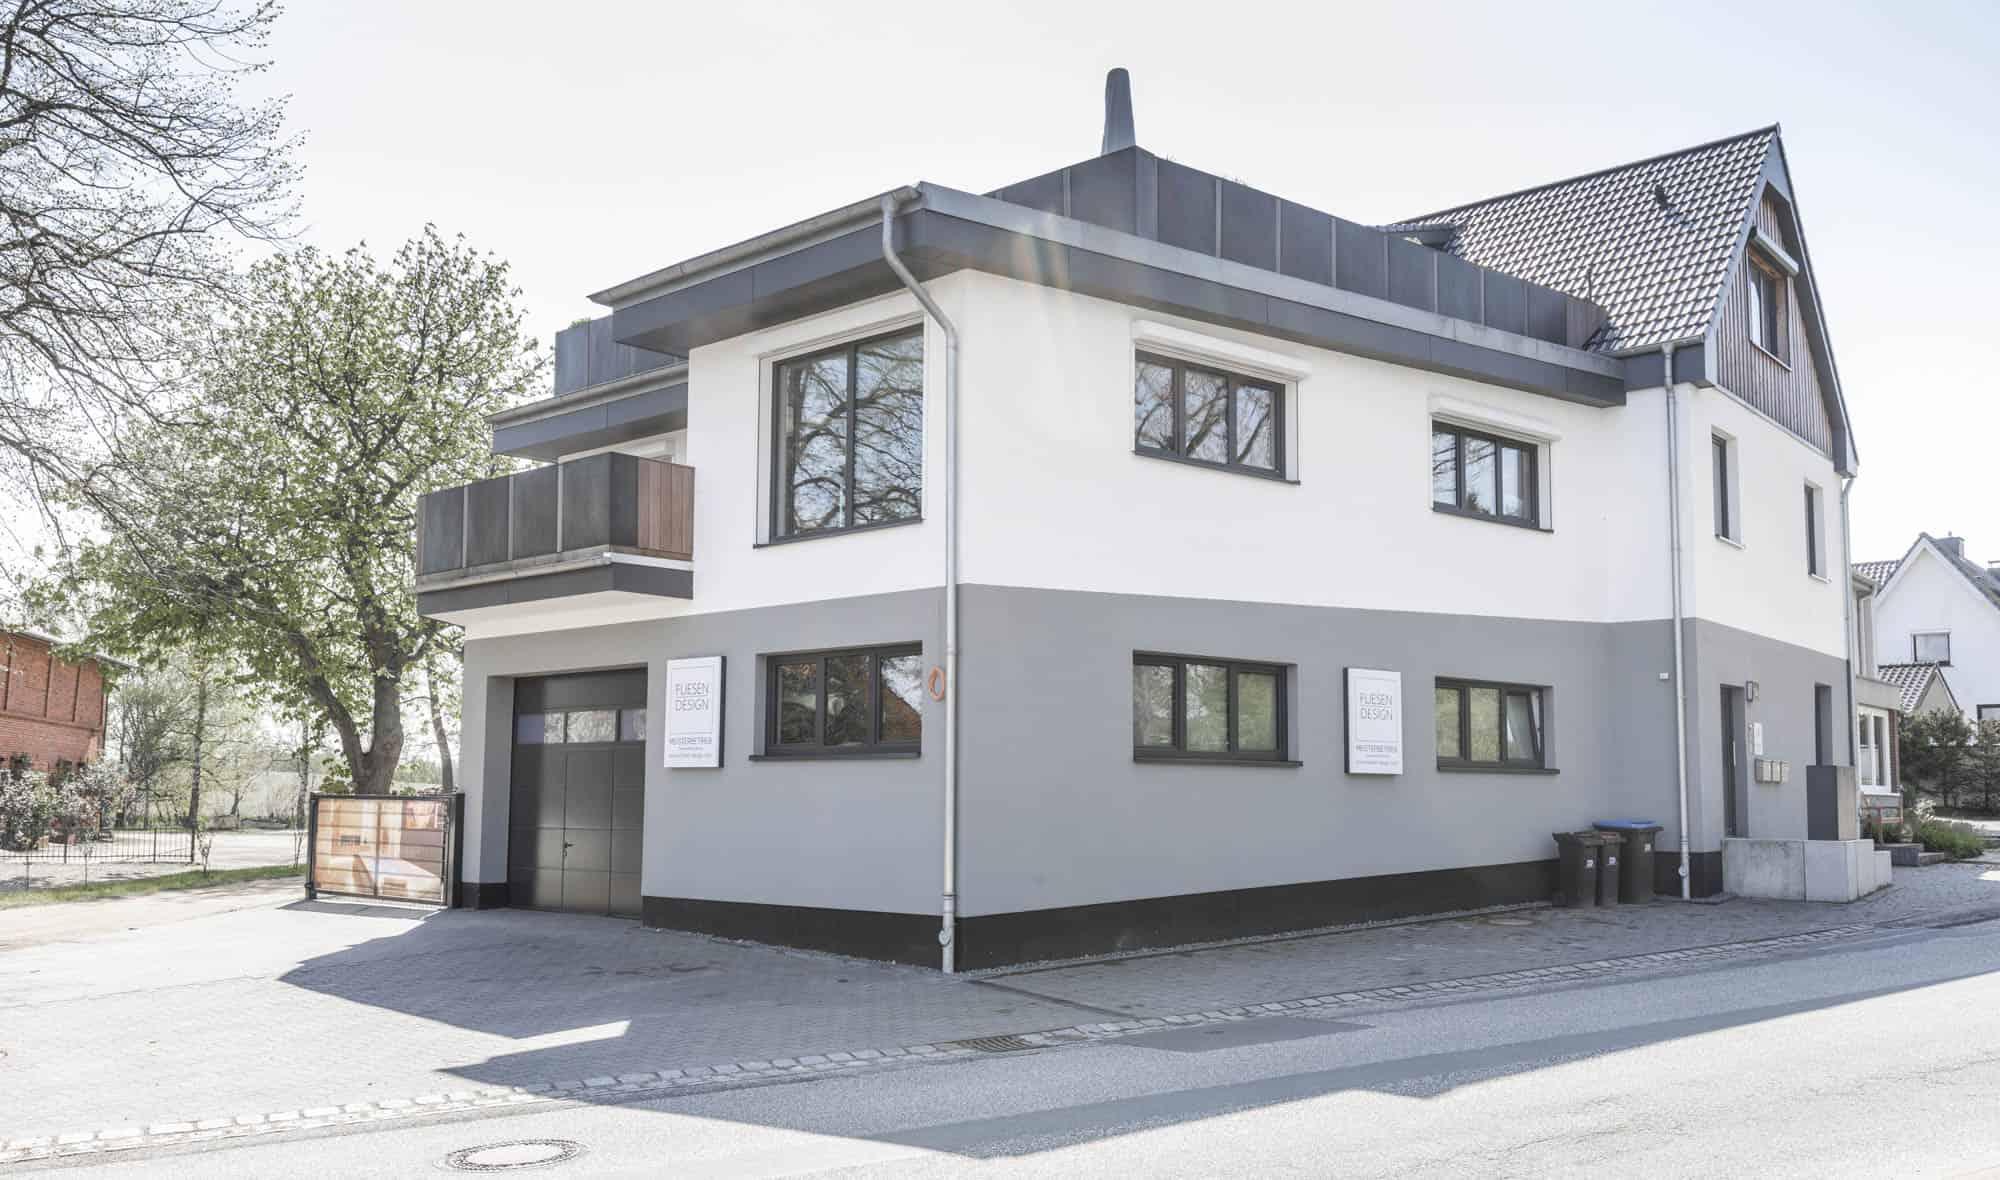 Fliesen Design Fliesenleger in der Region Lübeck